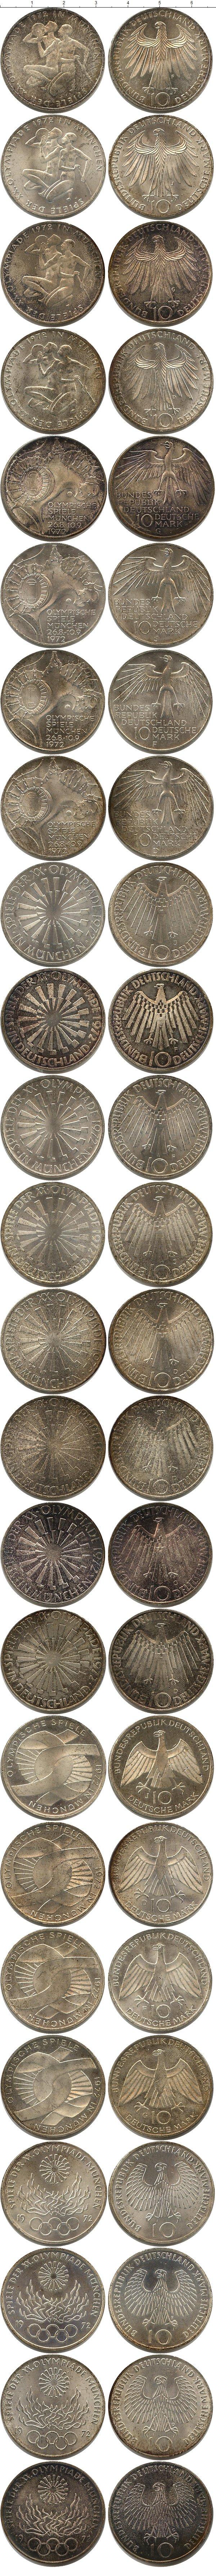 Каталог монет - ФРГ Олимпийские игры в Мюнхене